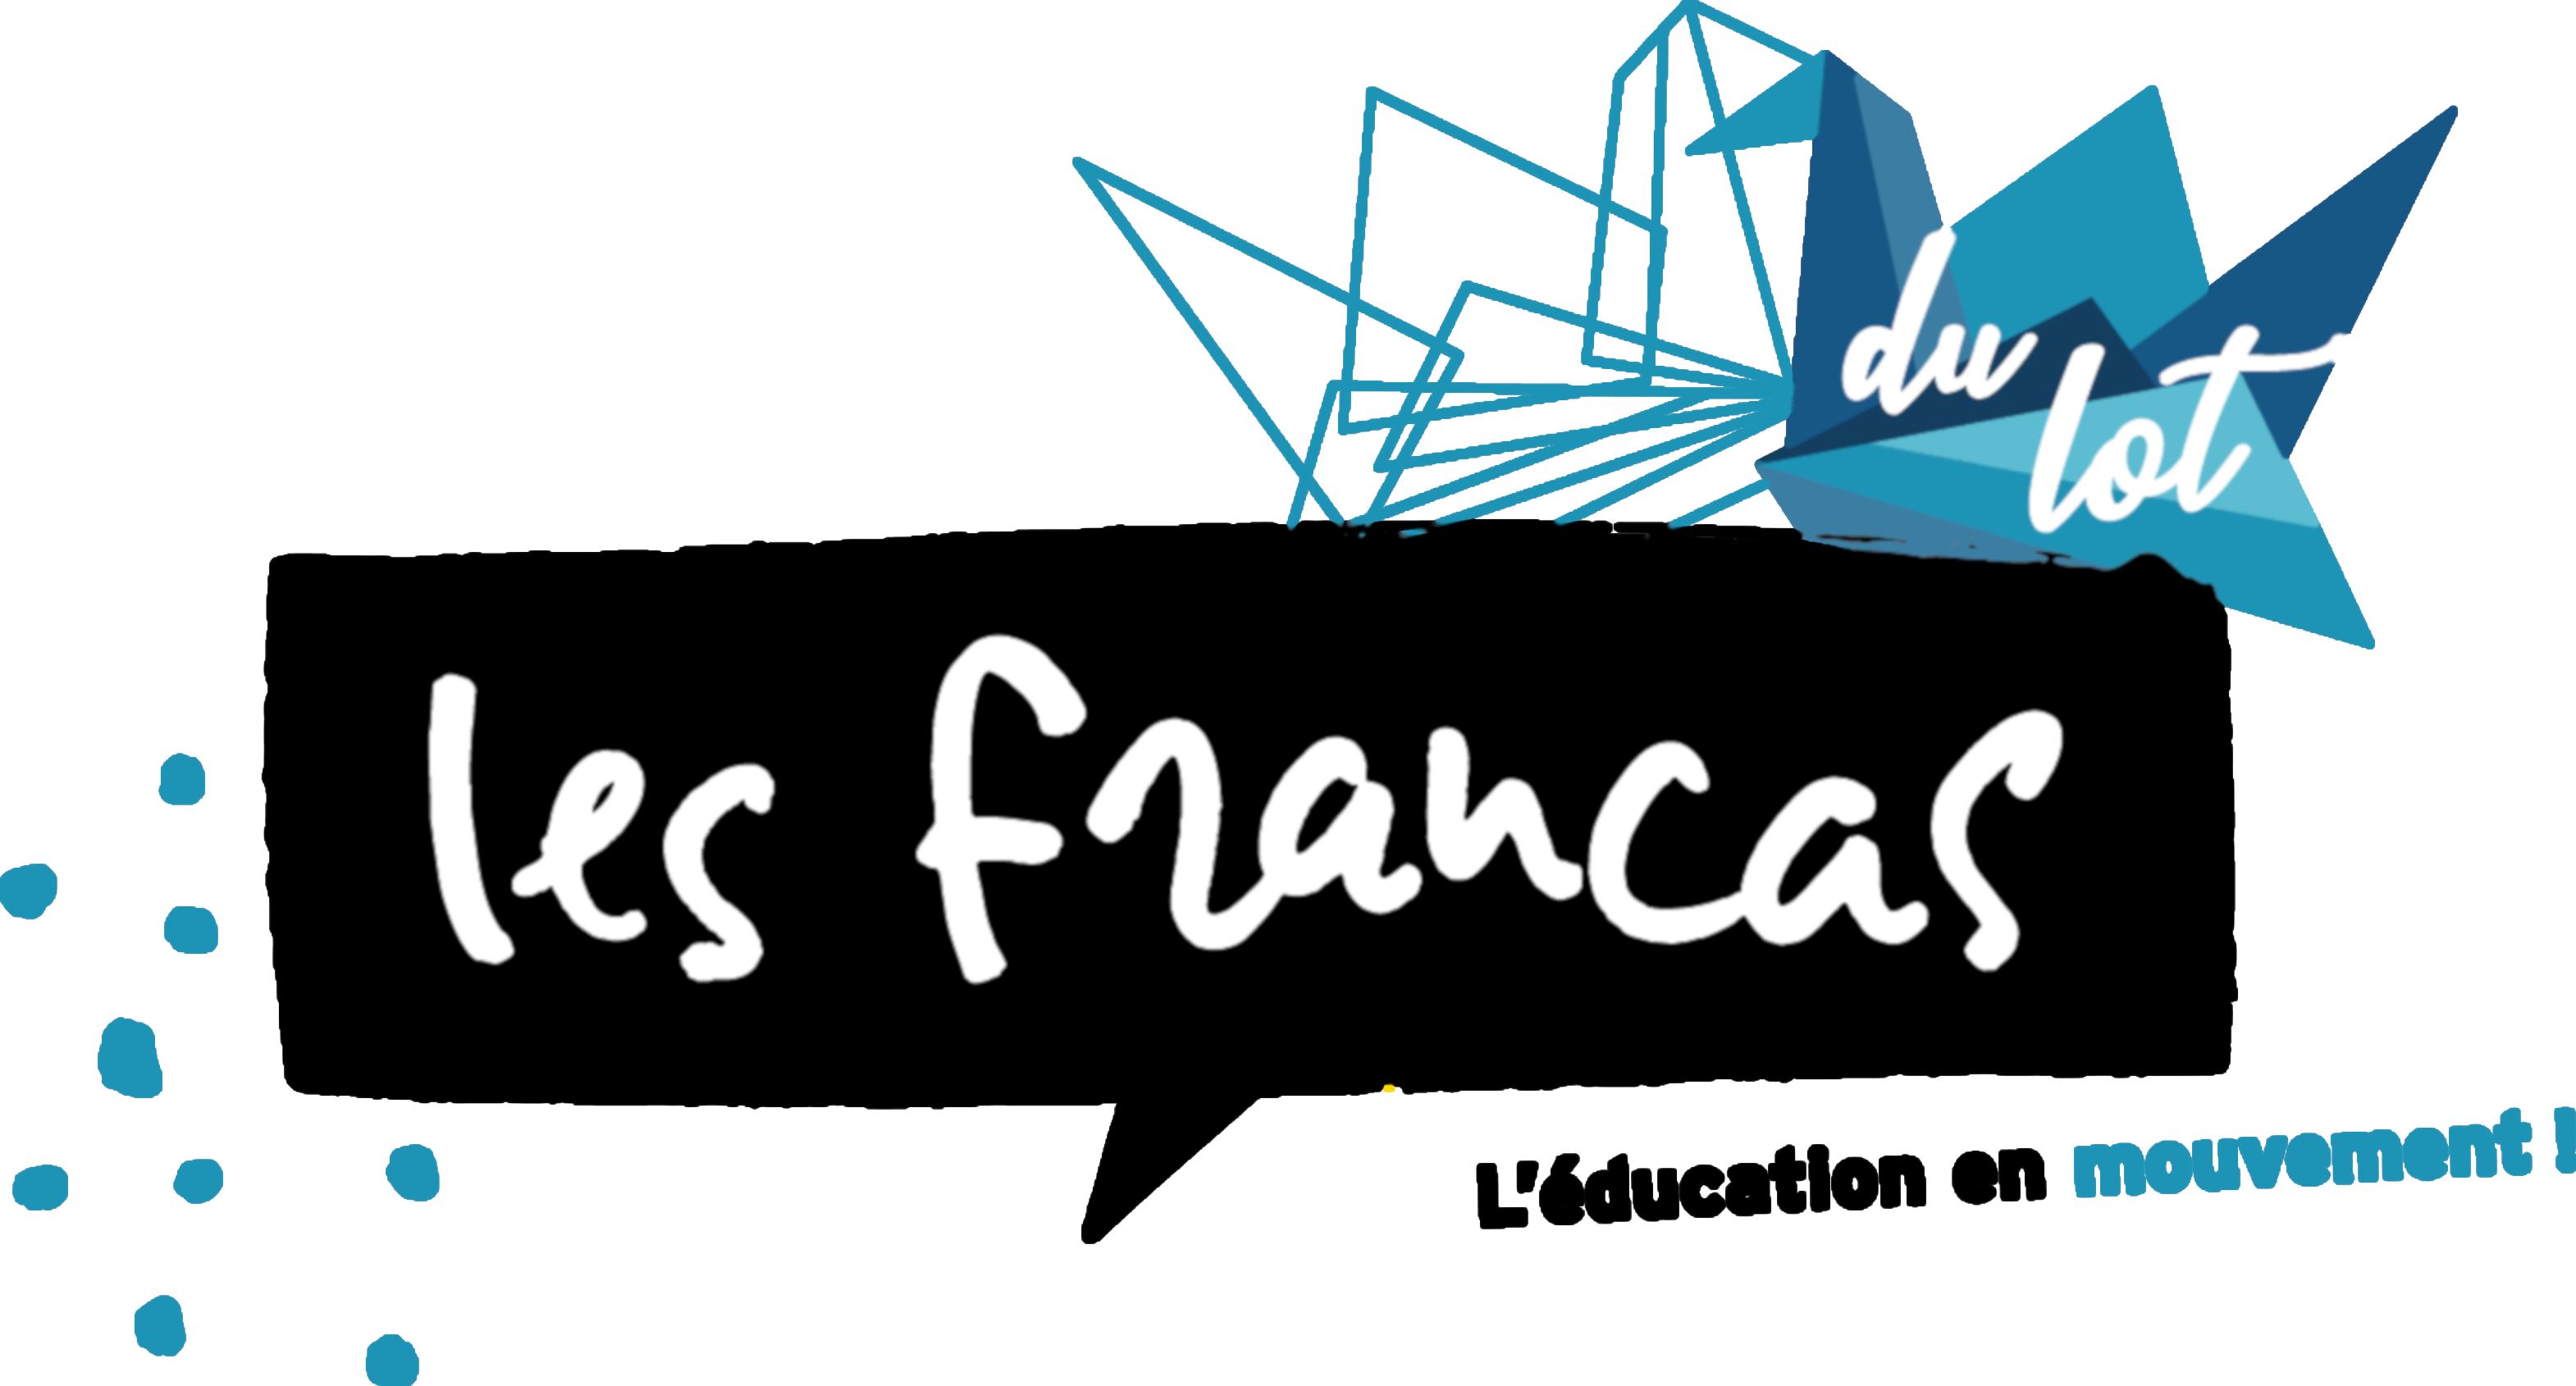 Les Francas du Lot